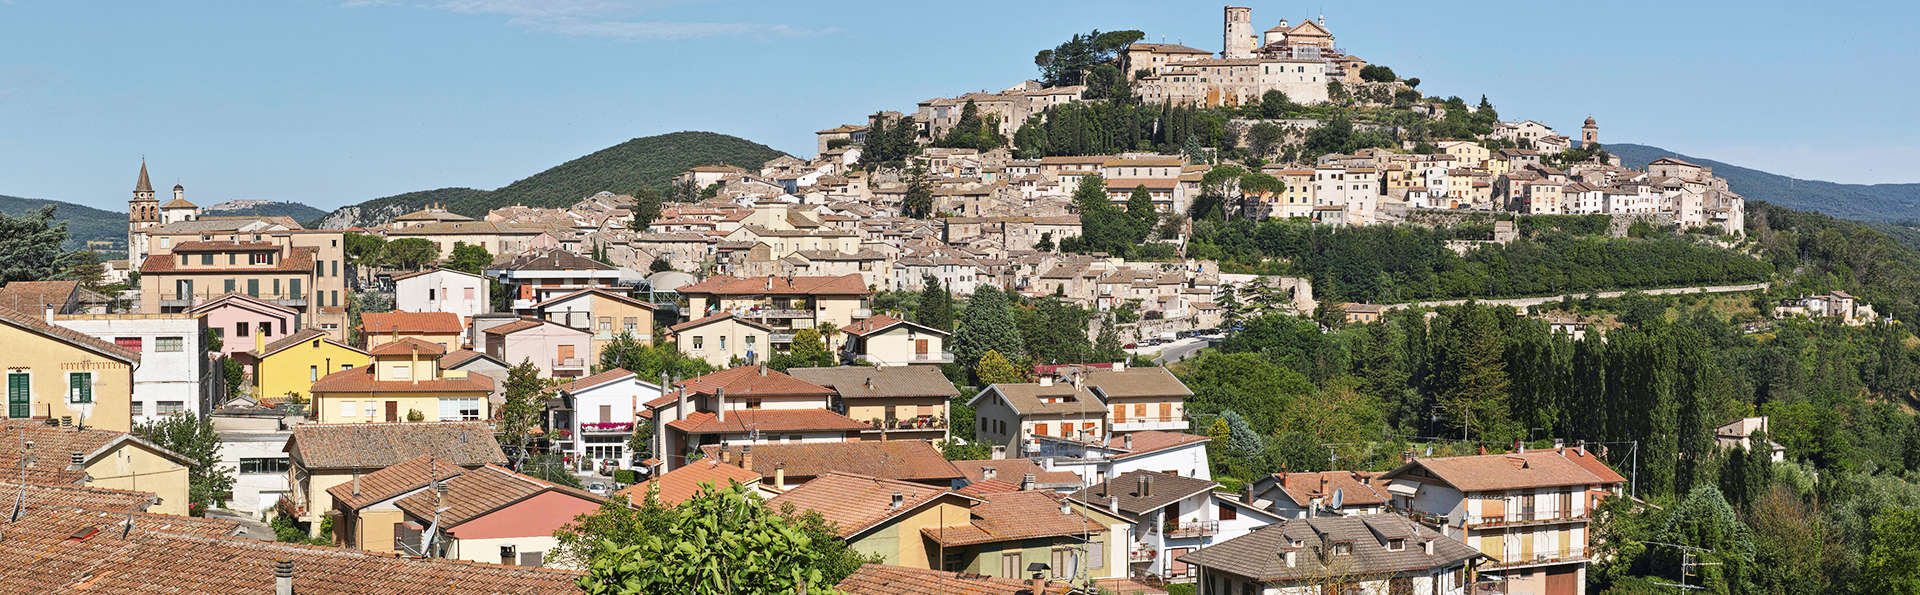 Détendez-vous dans une ville médiévale en Ombrie (à partir de 2 nuits)